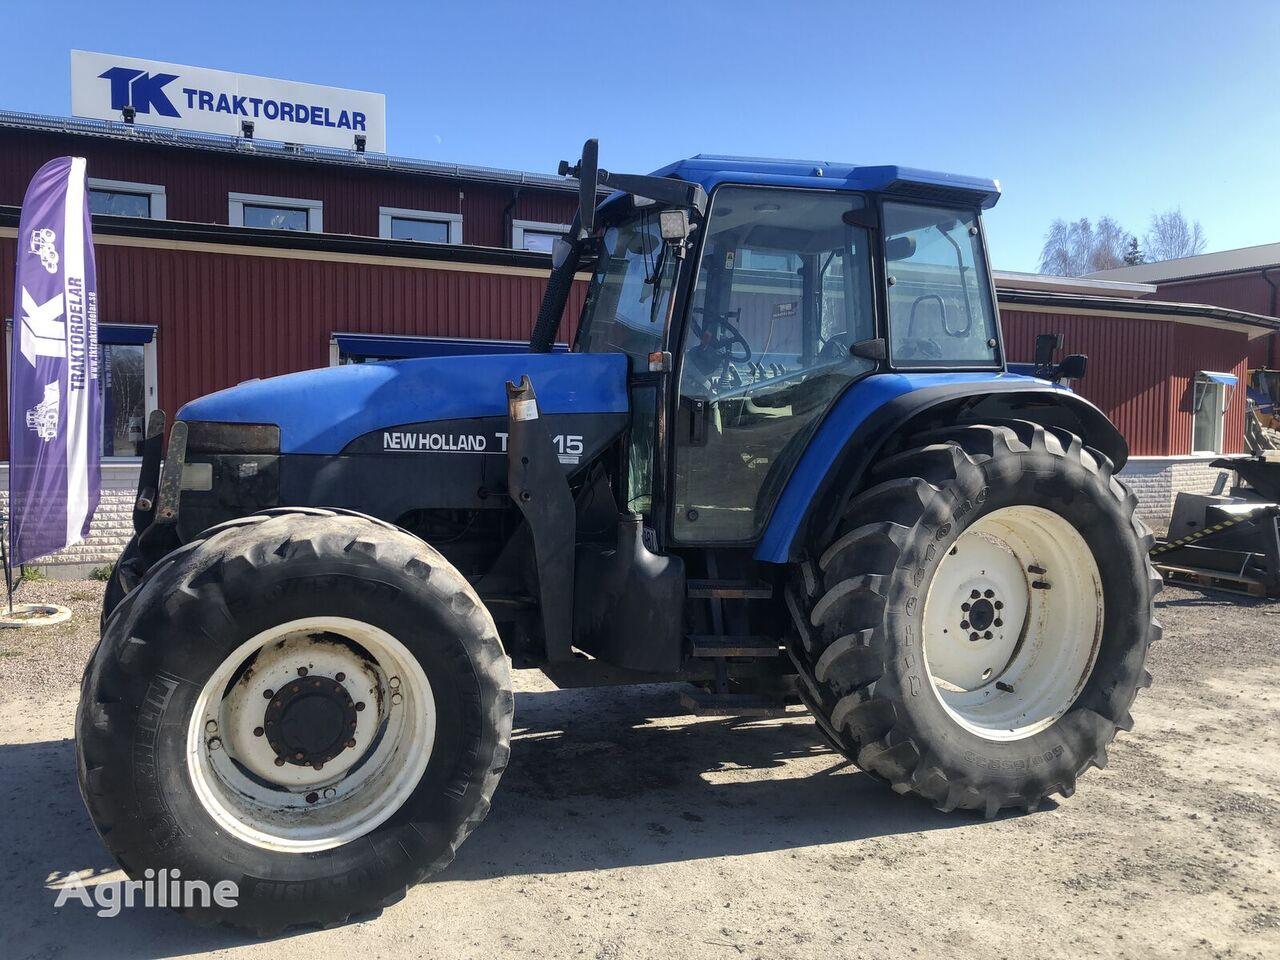 tracteur à roues NEW HOLLAND TM115 Dismantled: only parts pour pièces détachées